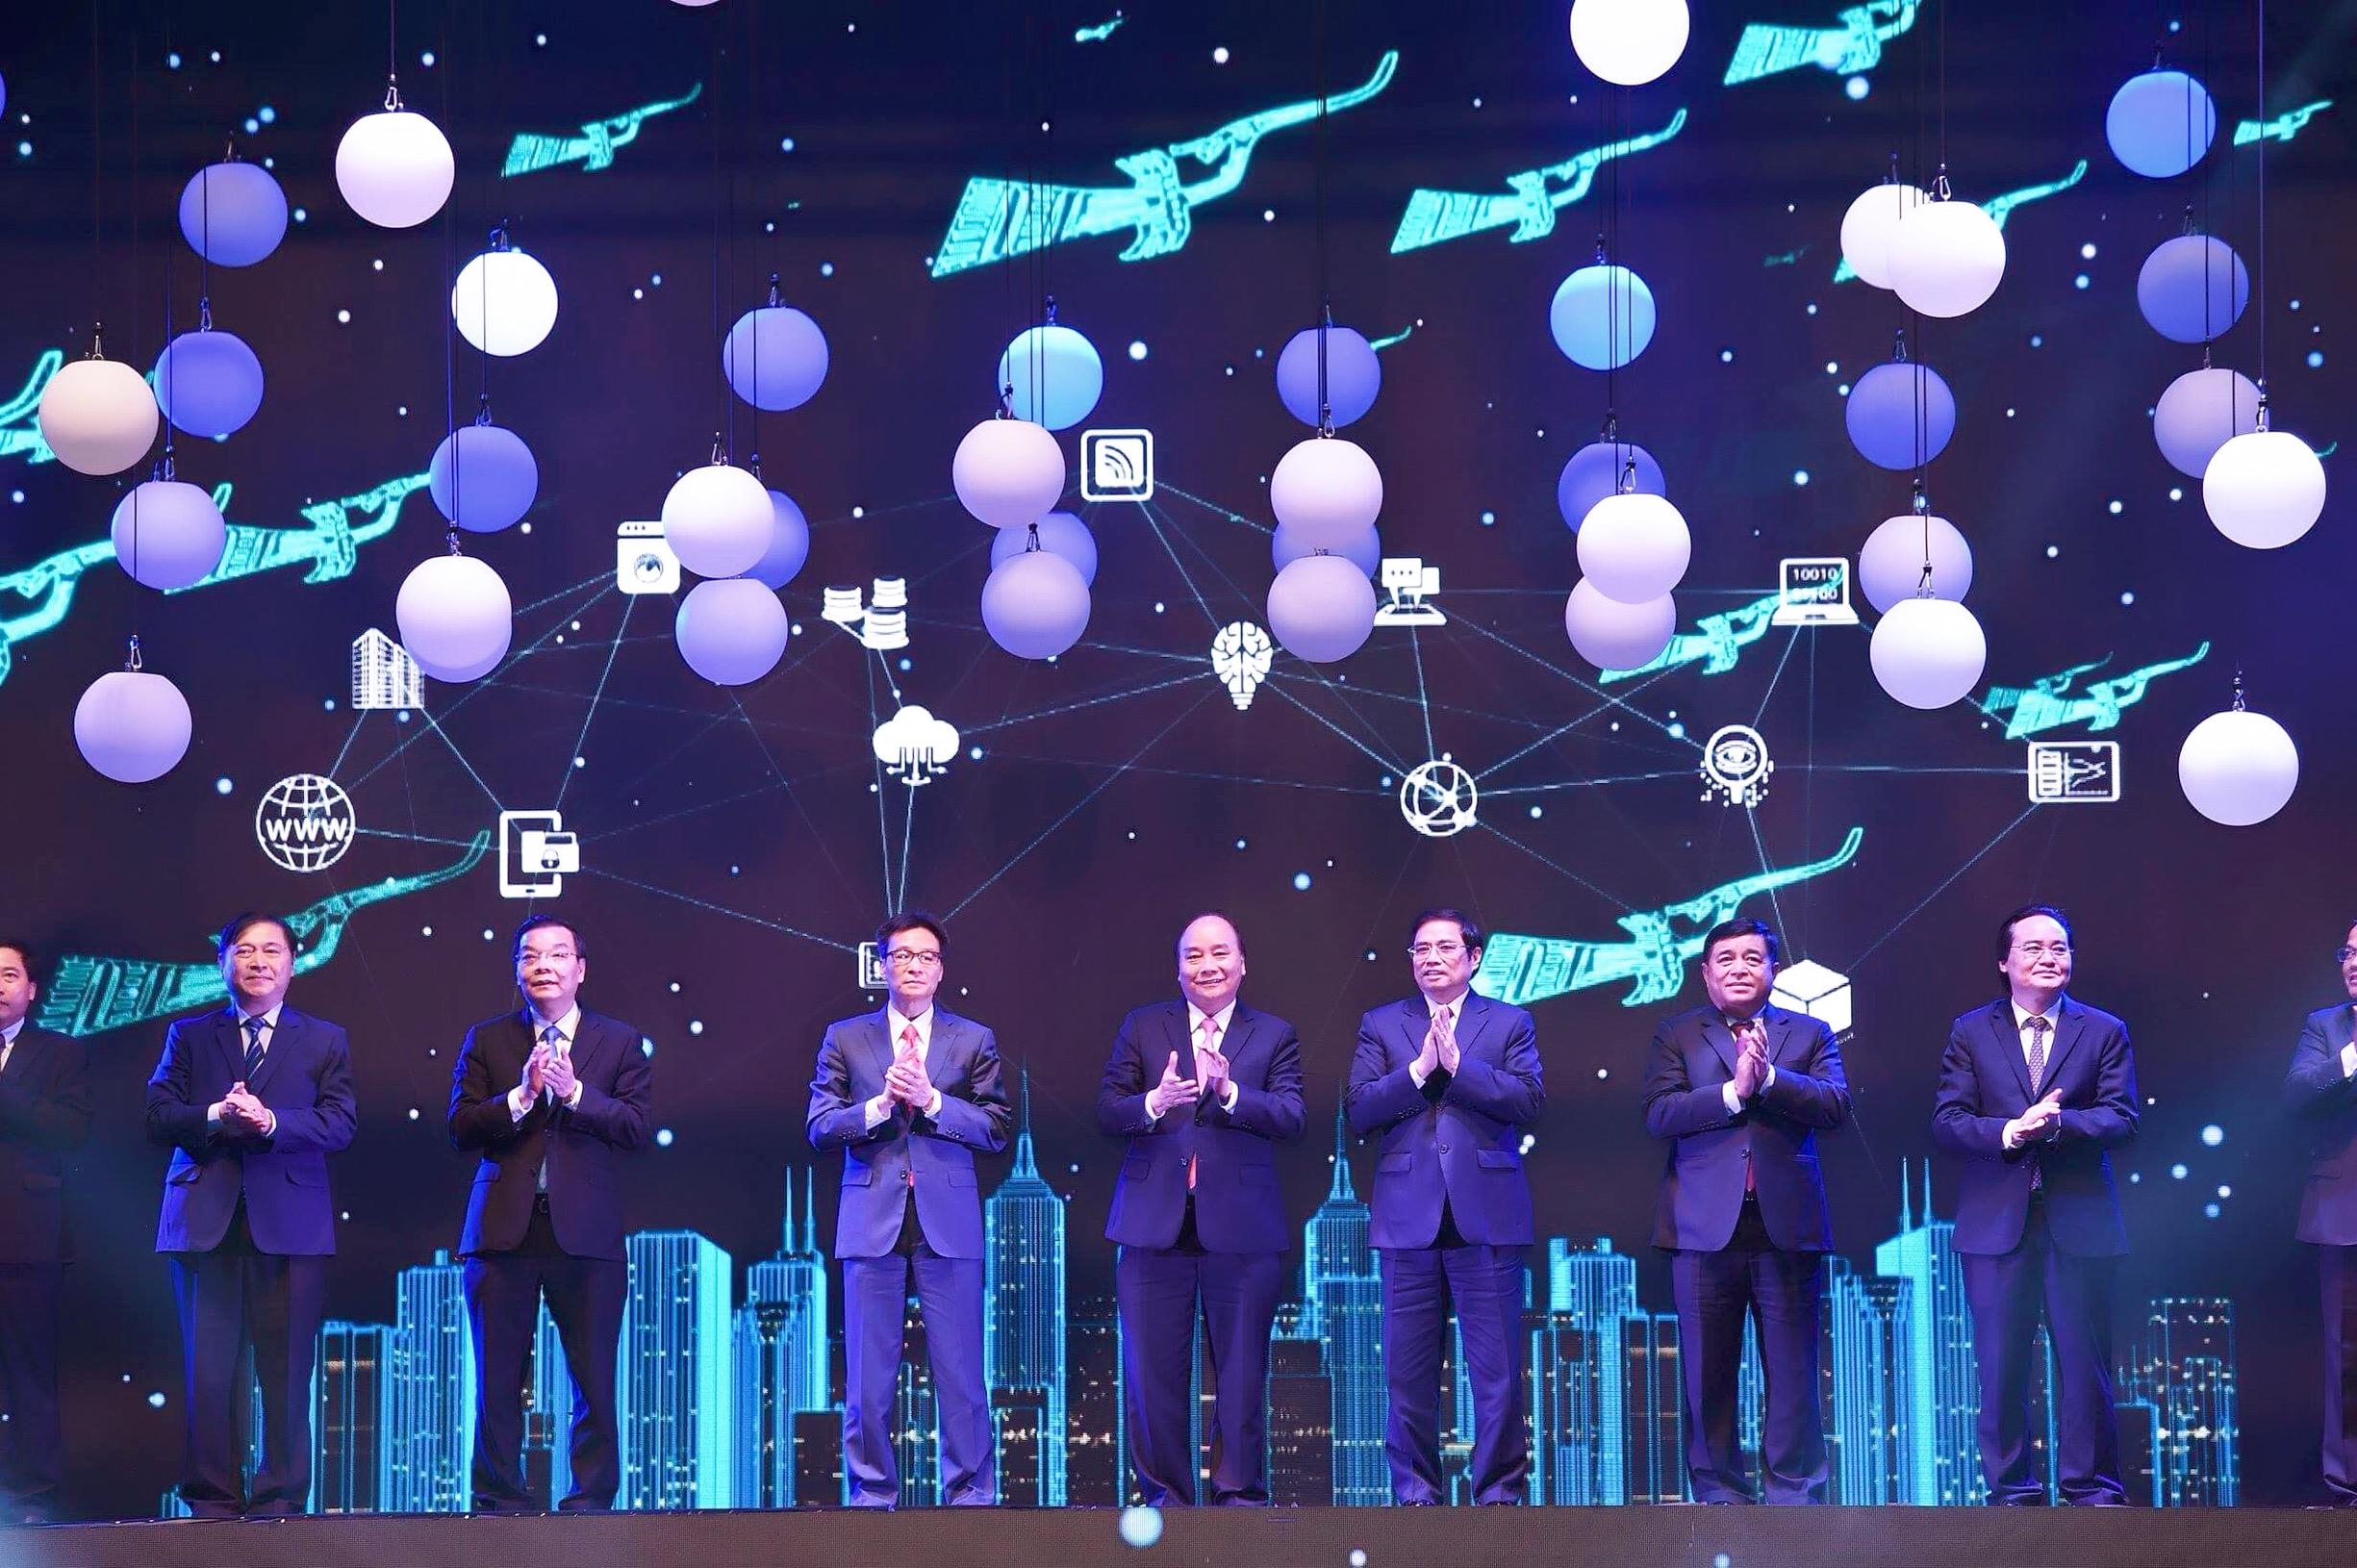 Thủ tướng Nguyễn Xuân Phúc dự Chương trình kết nối Mạng lưới đổi mới sáng tạo Việt Nam